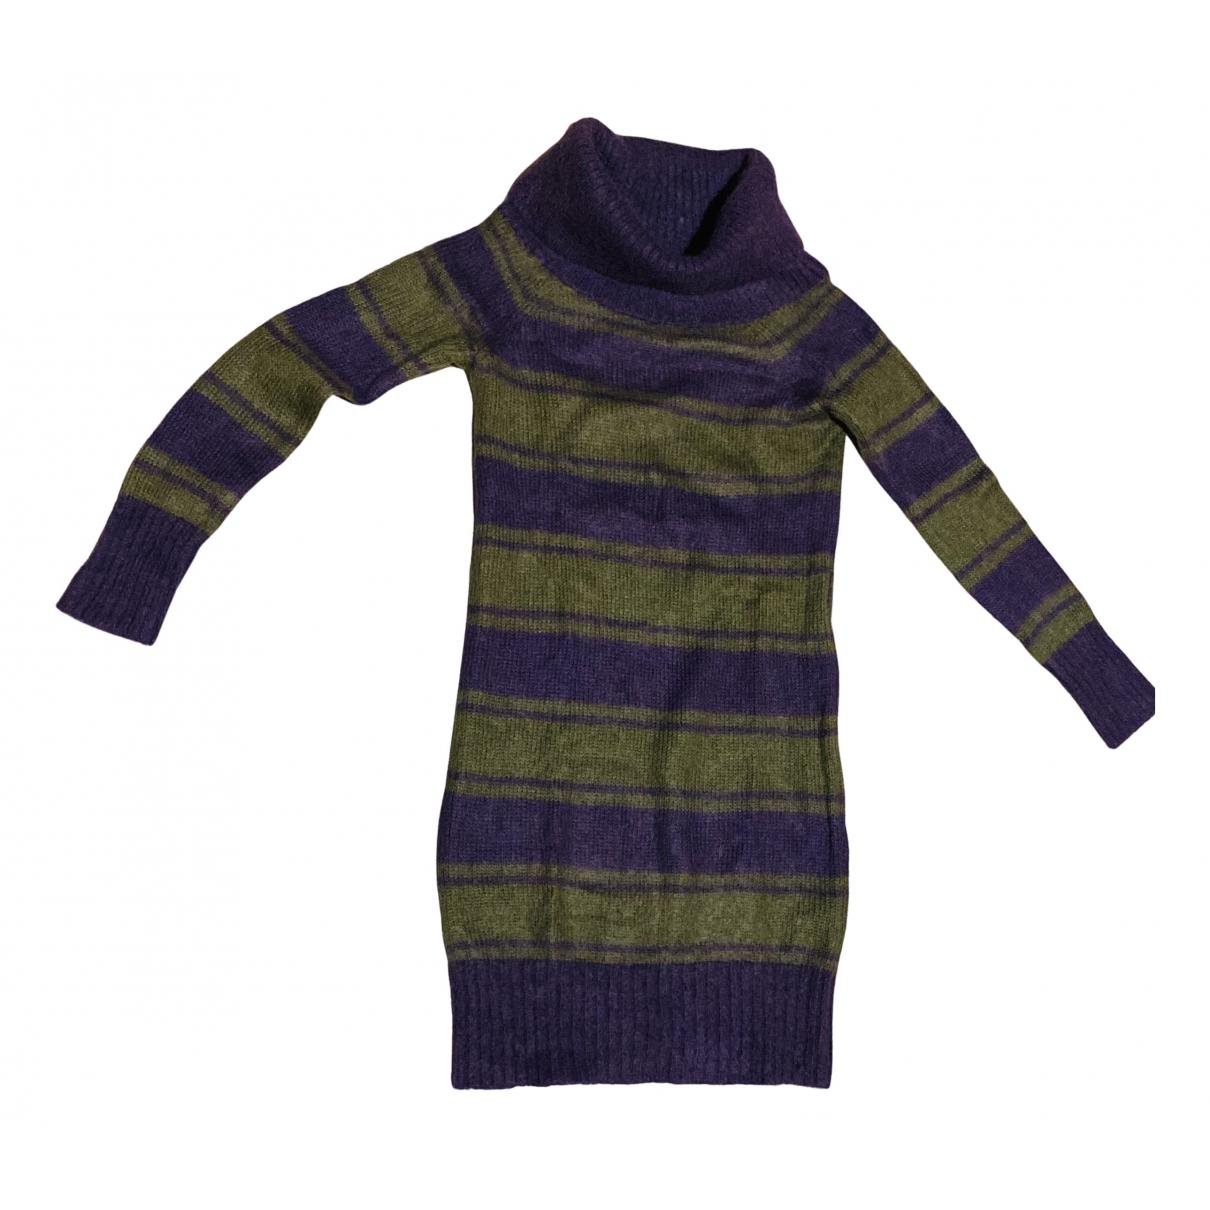 Max Mara N Grey Knitwear for Women S International